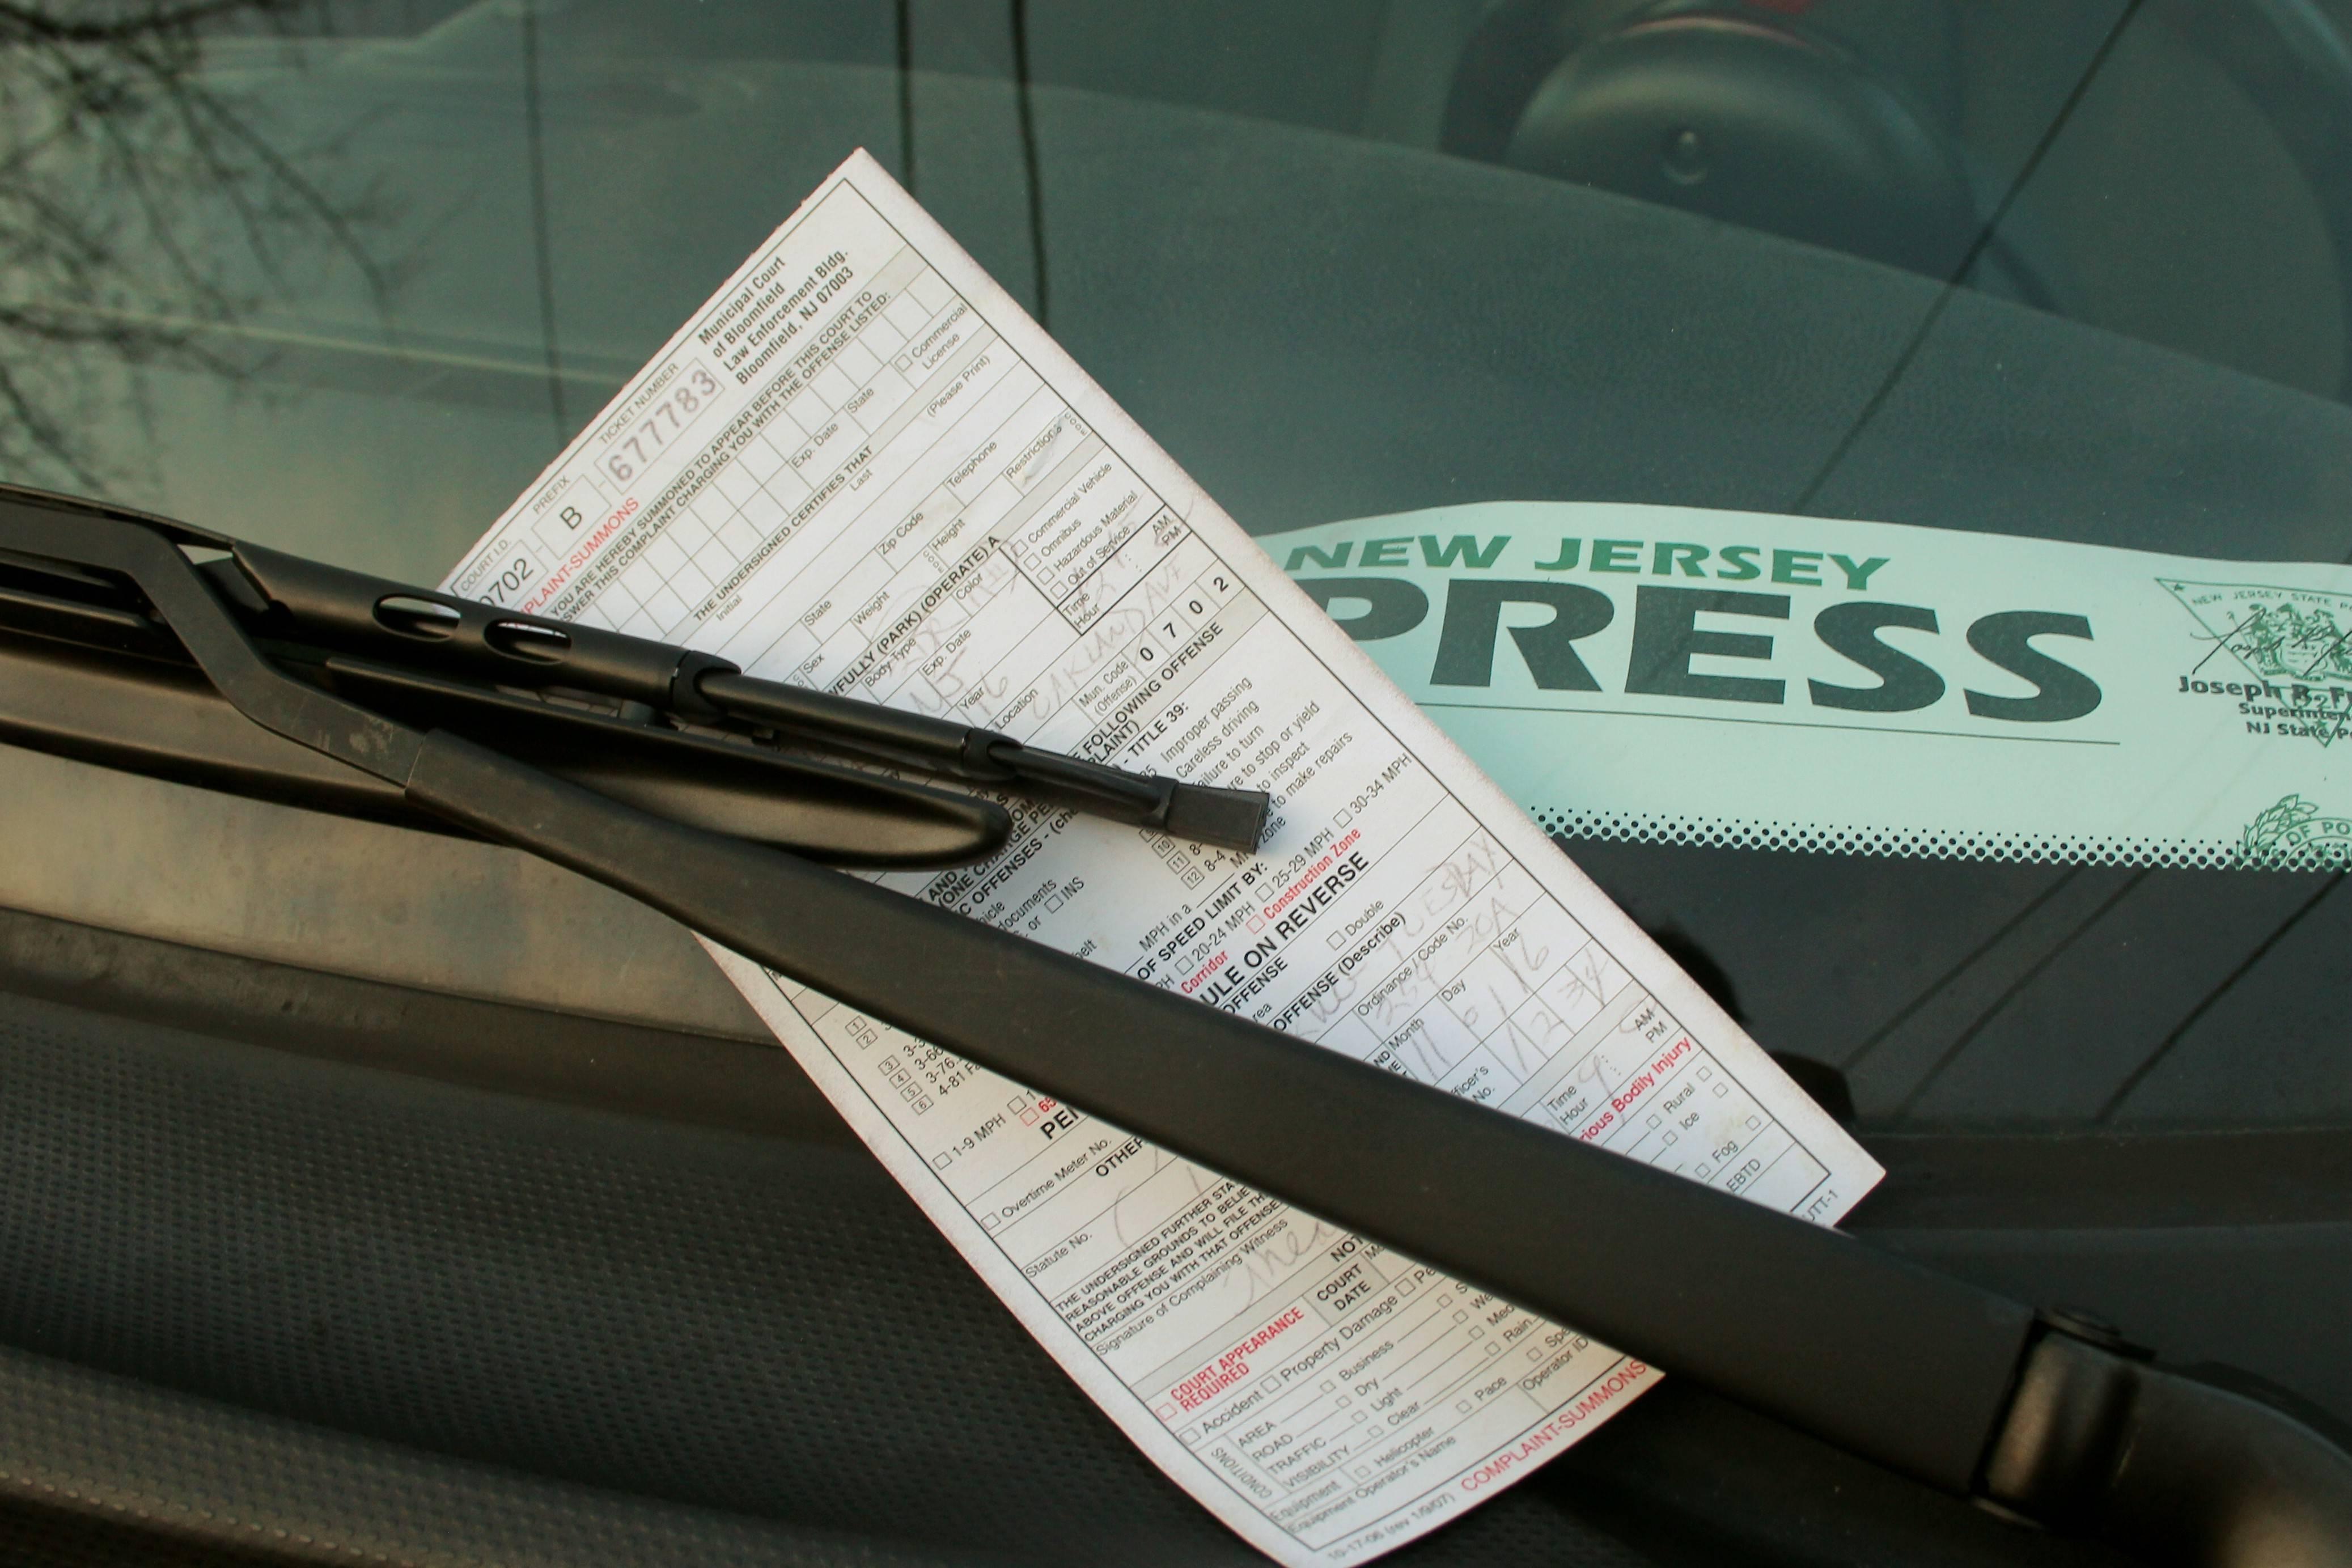 304becf3b1703b728d6e_Parking_Ticket_Jan_2017.jpg